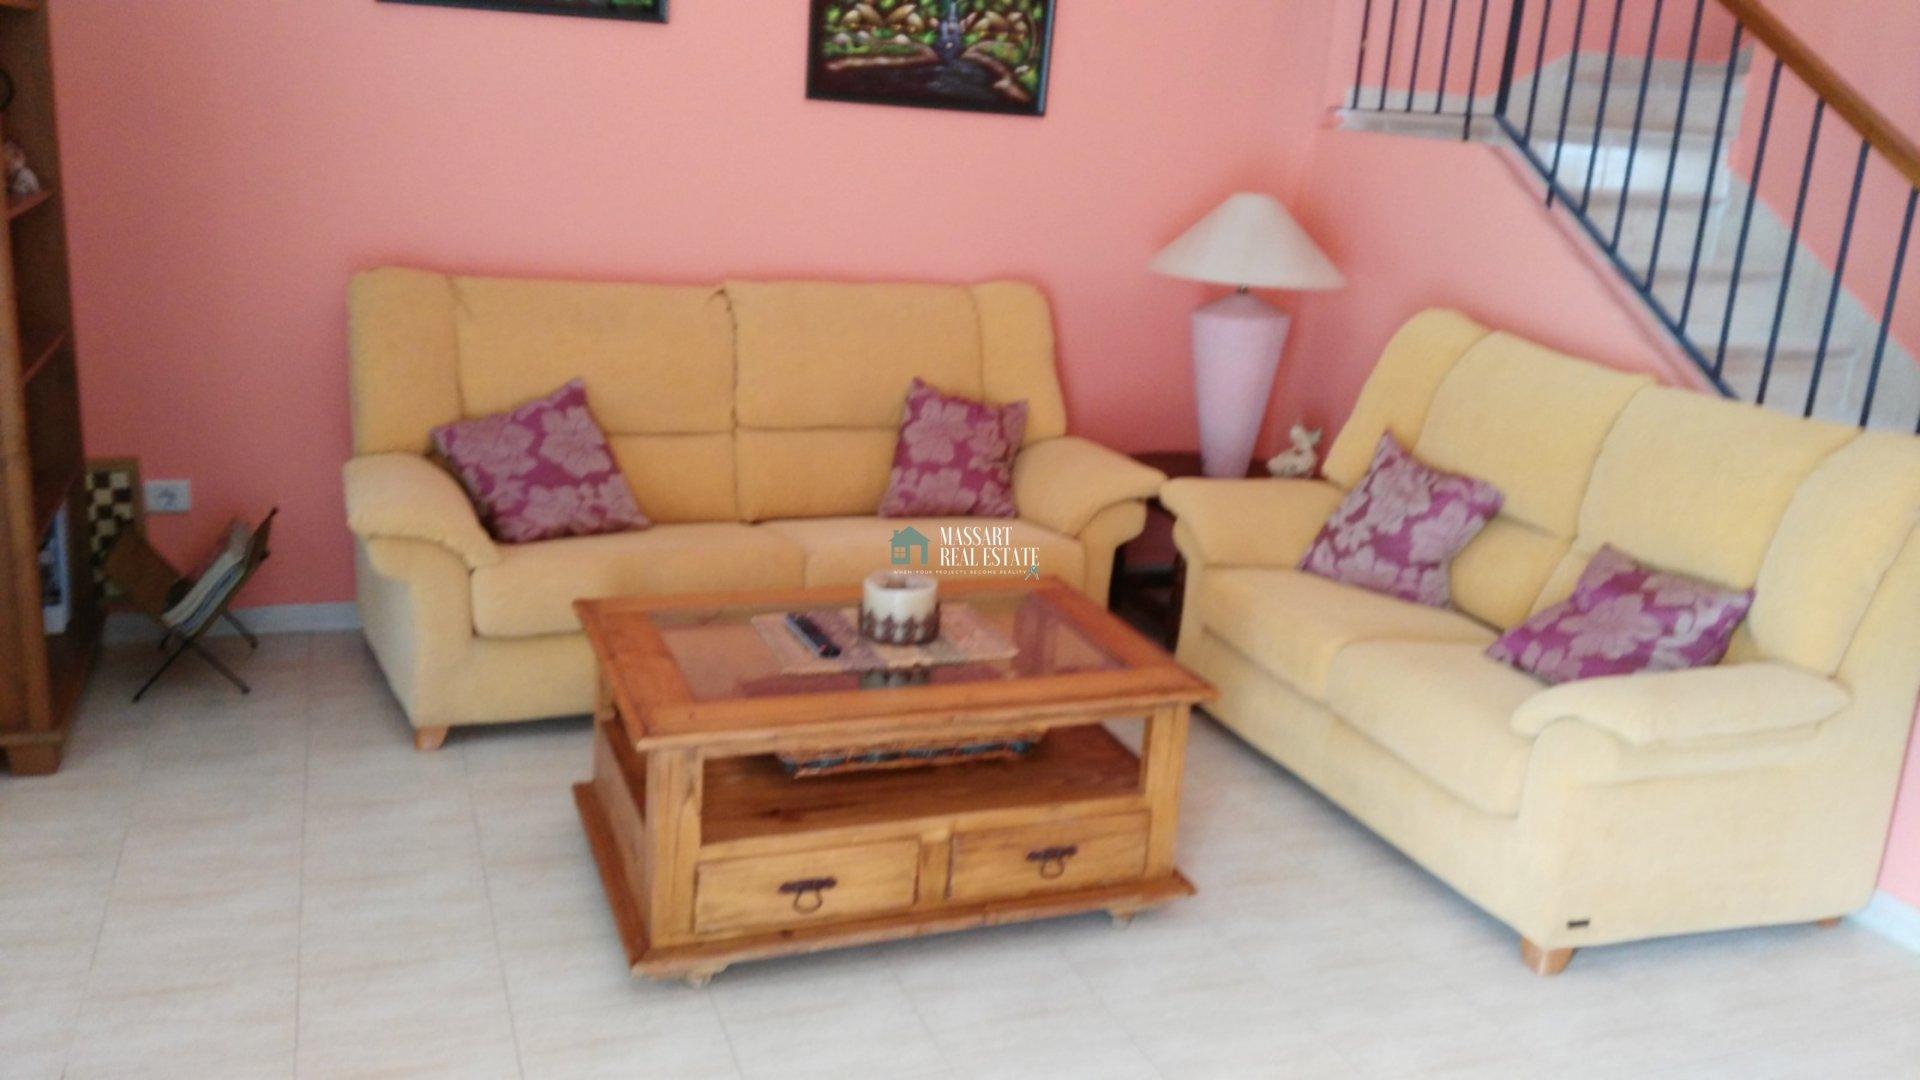 Komplett möbliertes 92 m2 großes Doppelhaus in der Wohngegend von Los Cardones in San Isidro.